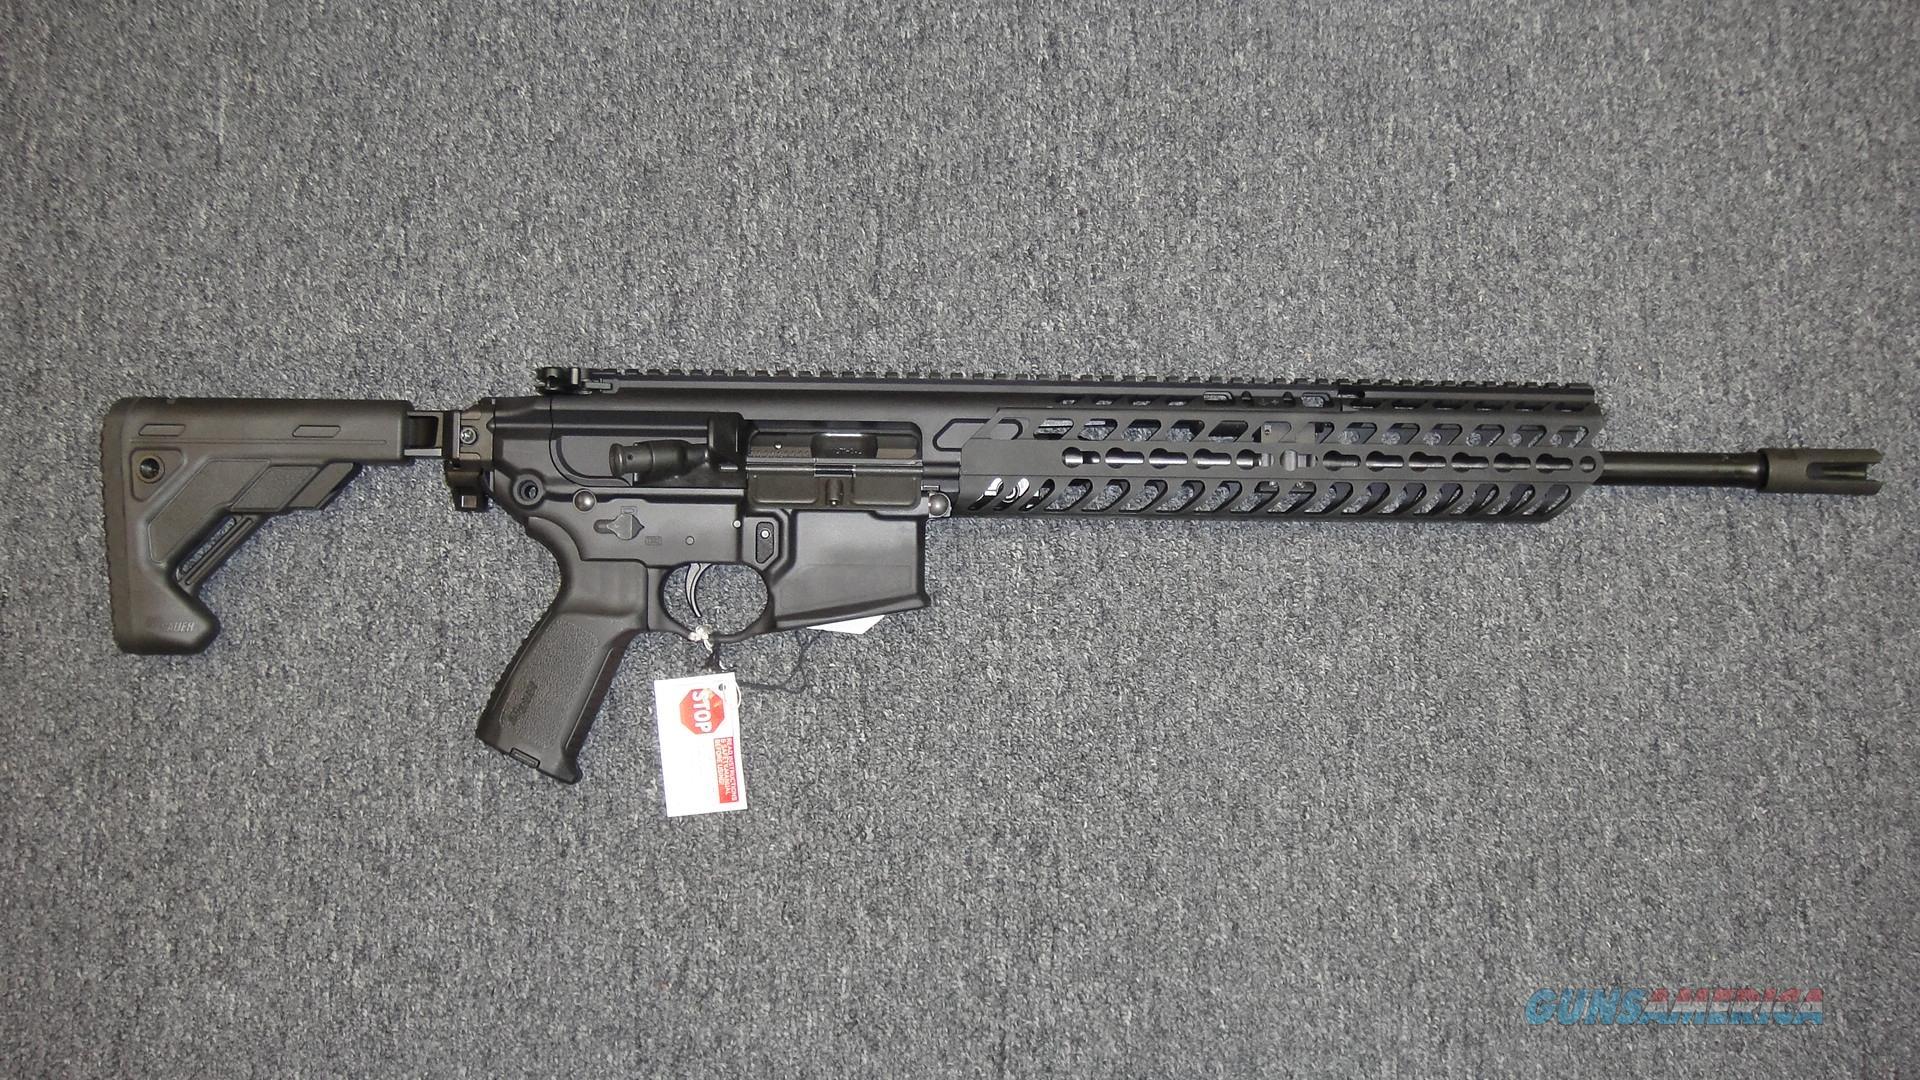 Sig Sauer MCX (RMCX-300B-16B-TELE-P) .300BLK  Guns > Rifles > Sig - Sauer/Sigarms Rifles